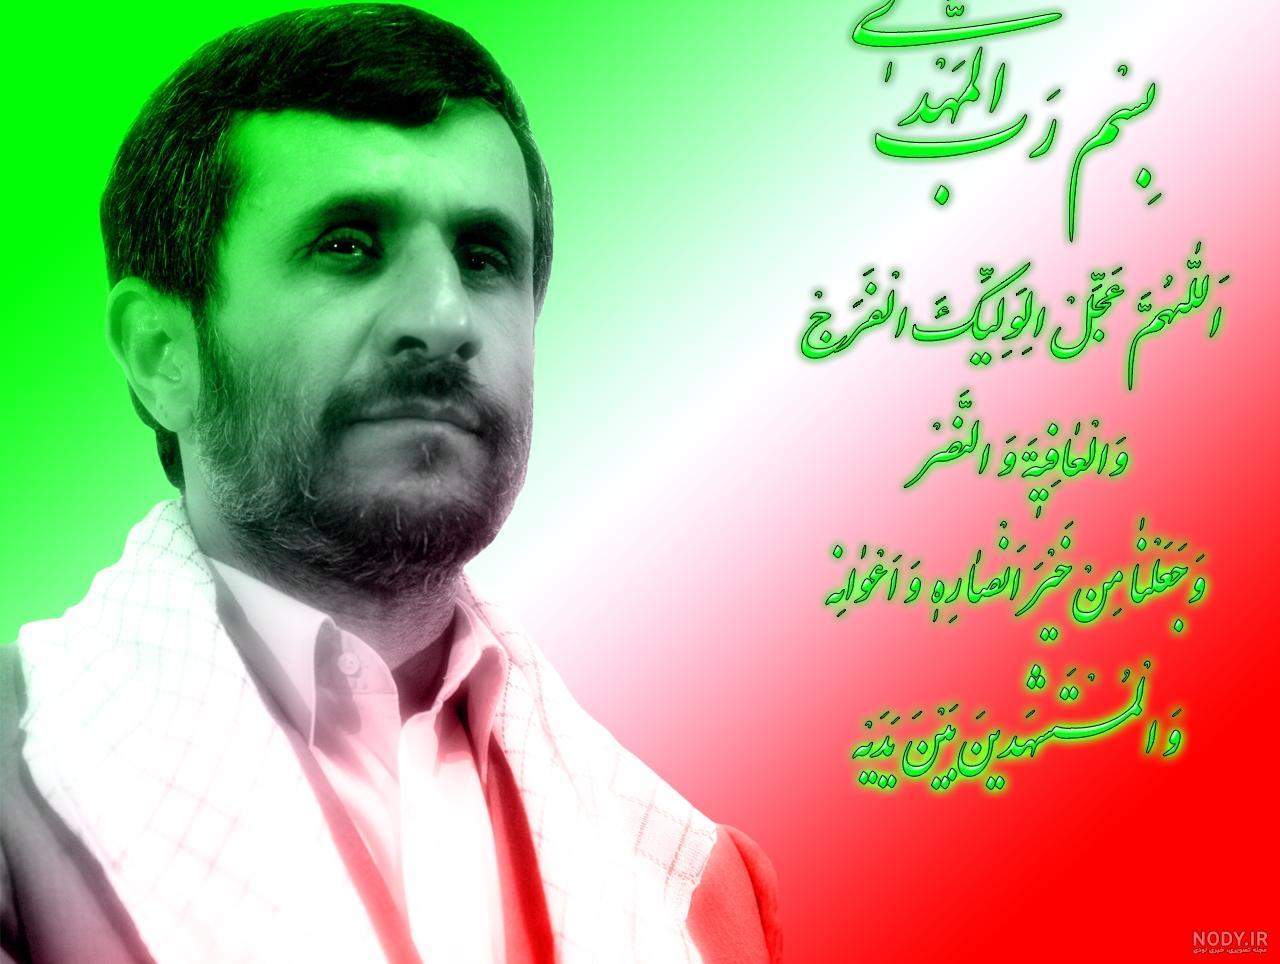 عکس نوشته احمدی نژاد